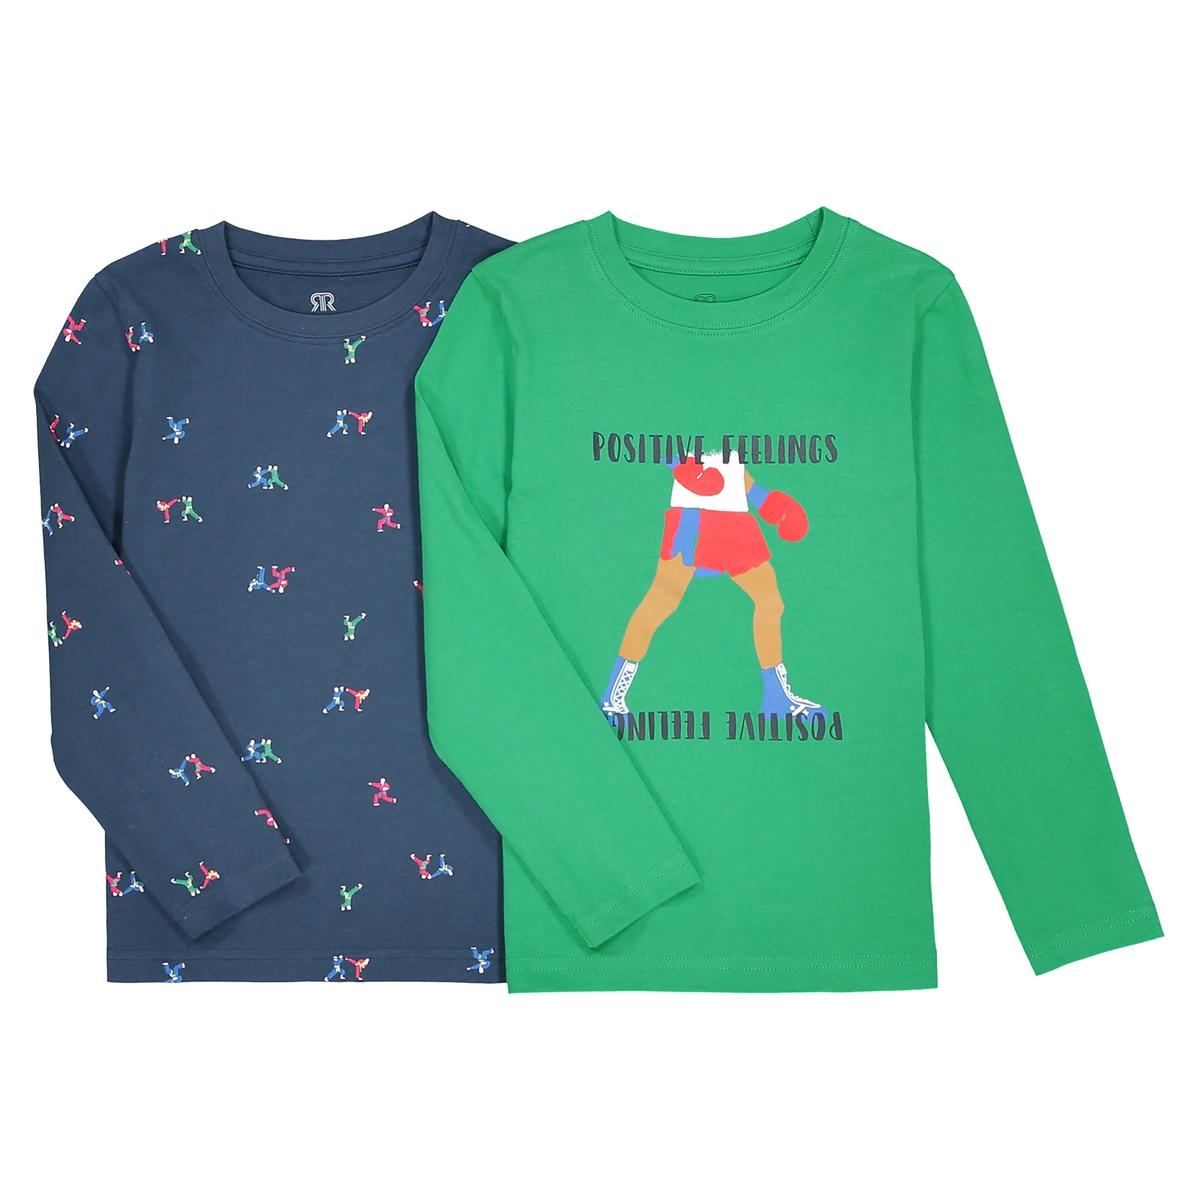 Комплект из 2 футболок с длинными рукавами 3-12 летОписание:Детали •  Длинные рукава •  Круглый вырез •  Рисунок-принтСостав и уход •  100% хлопок •  Температура стирки 30° •  Гладить при низкой температуре / не отбеливать • Барабанная сушка на слабом режиме       •  Сухая чистка запрещена<br><br>Цвет: синий + зеленый<br>Размер: 5 лет - 108 см.4 года - 102 см.12 лет -150 см.6 лет - 114 см.3 года - 94 см.10 лет - 138 см